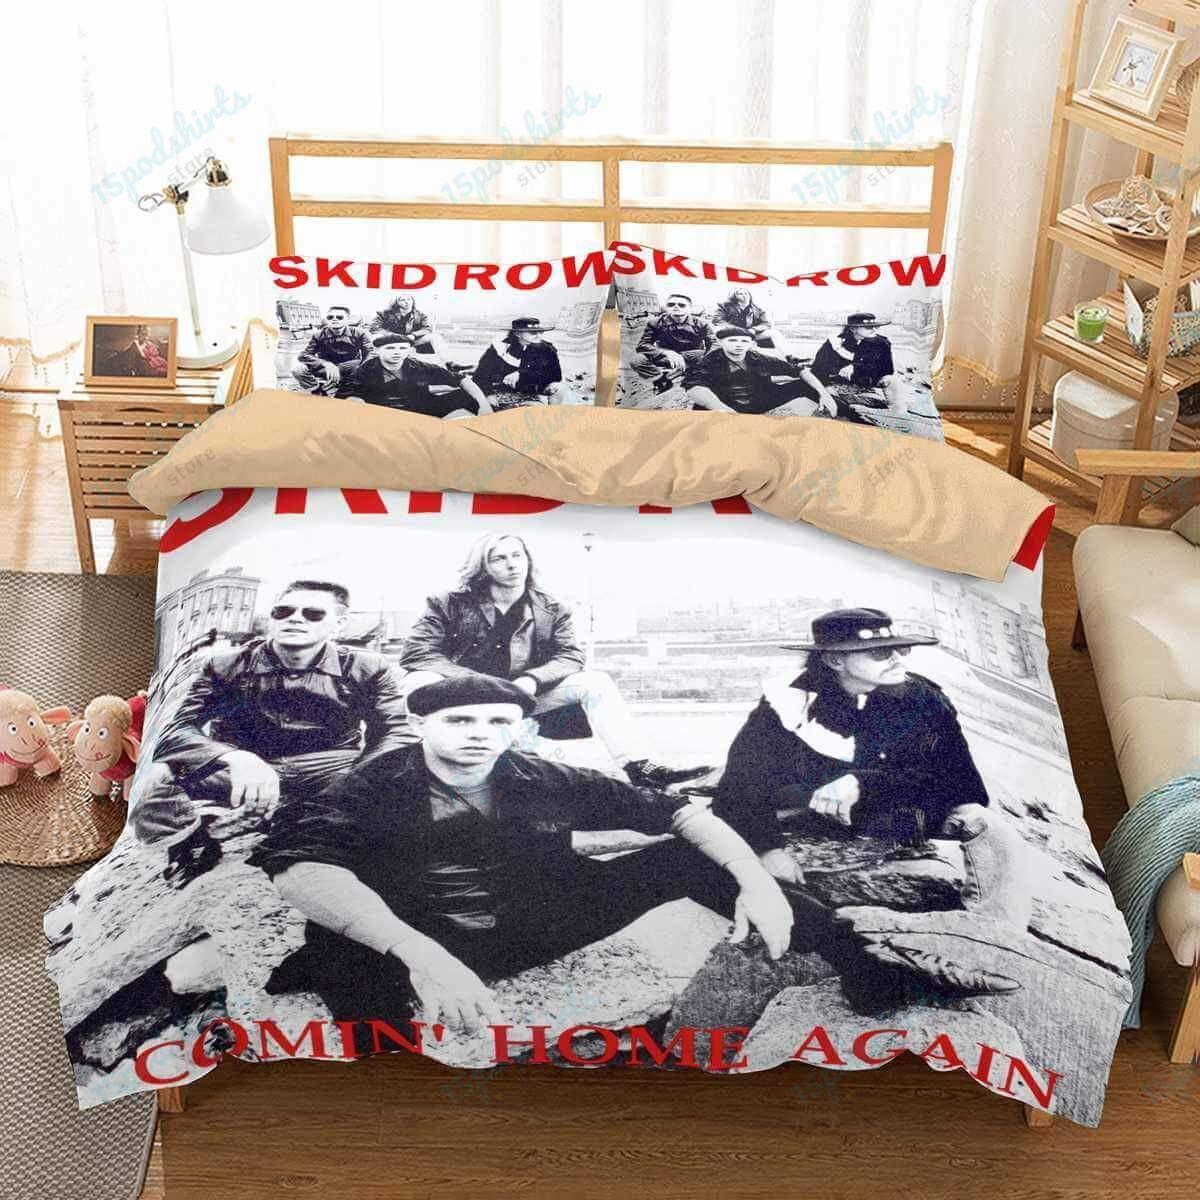 Skid Row Duvet Cover Bedding Set